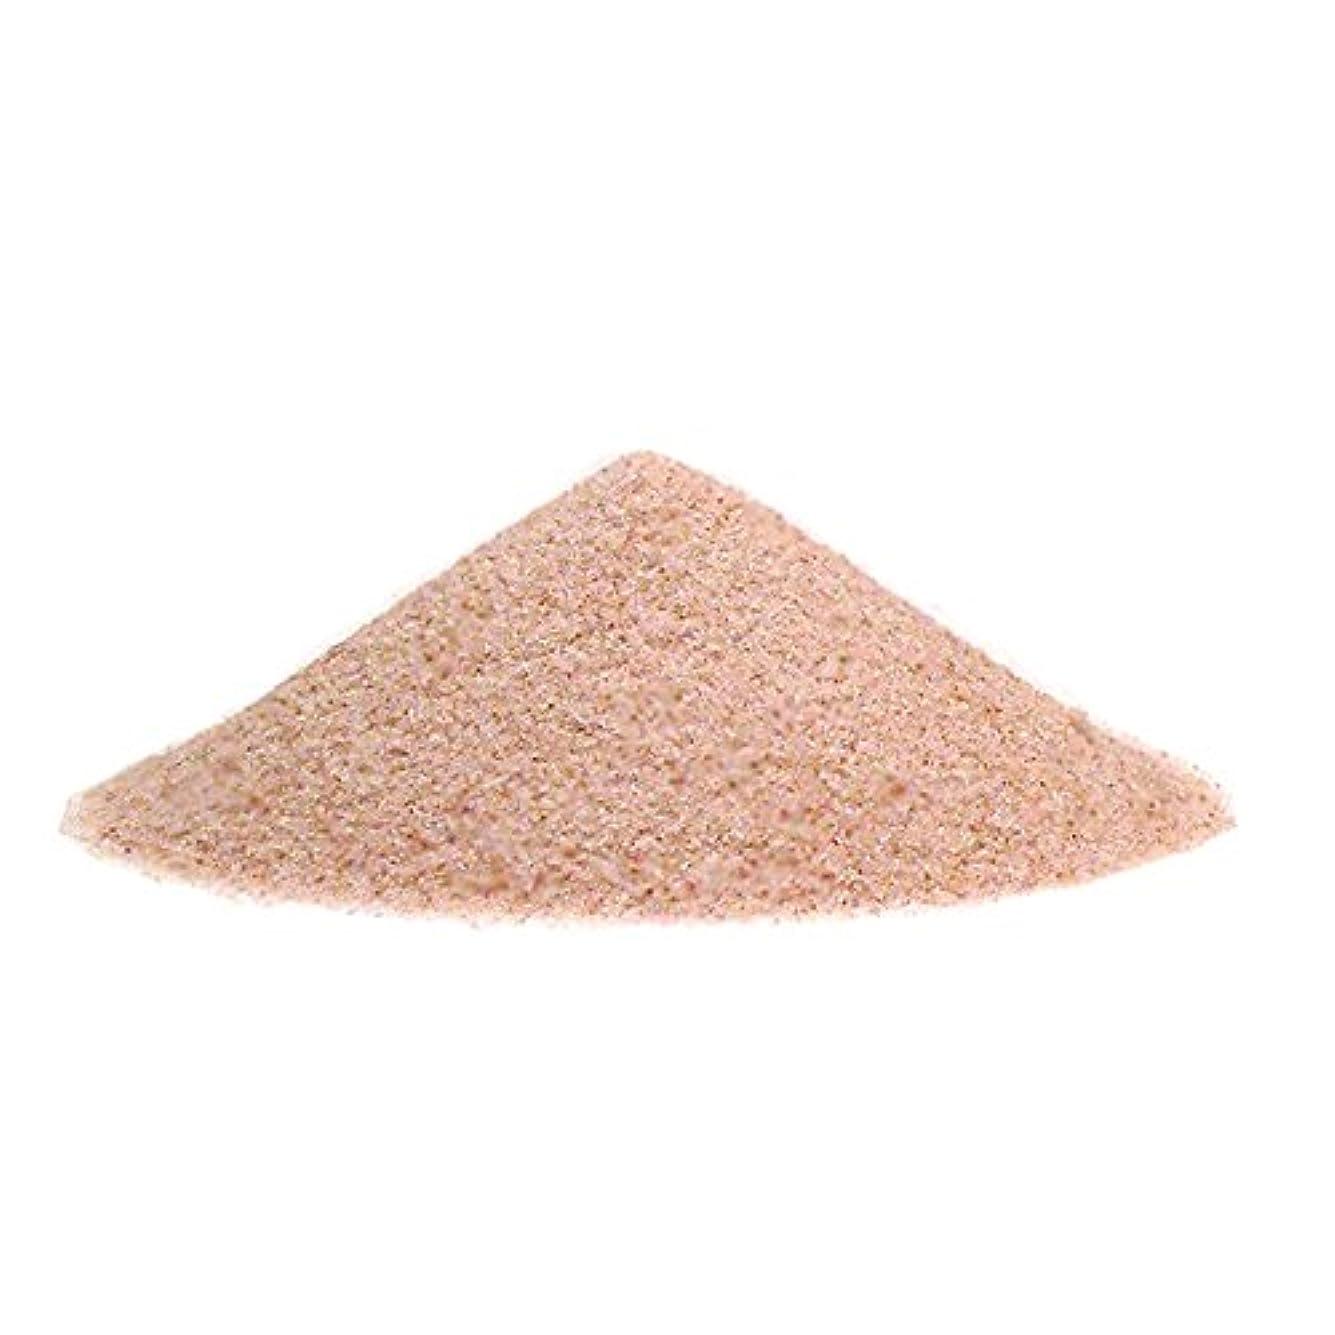 櫛引数驚くべきヒマラヤ岩塩 ピンクソルト 入浴用 バスソルト(微粒パウダー)3kg ピンク岩塩